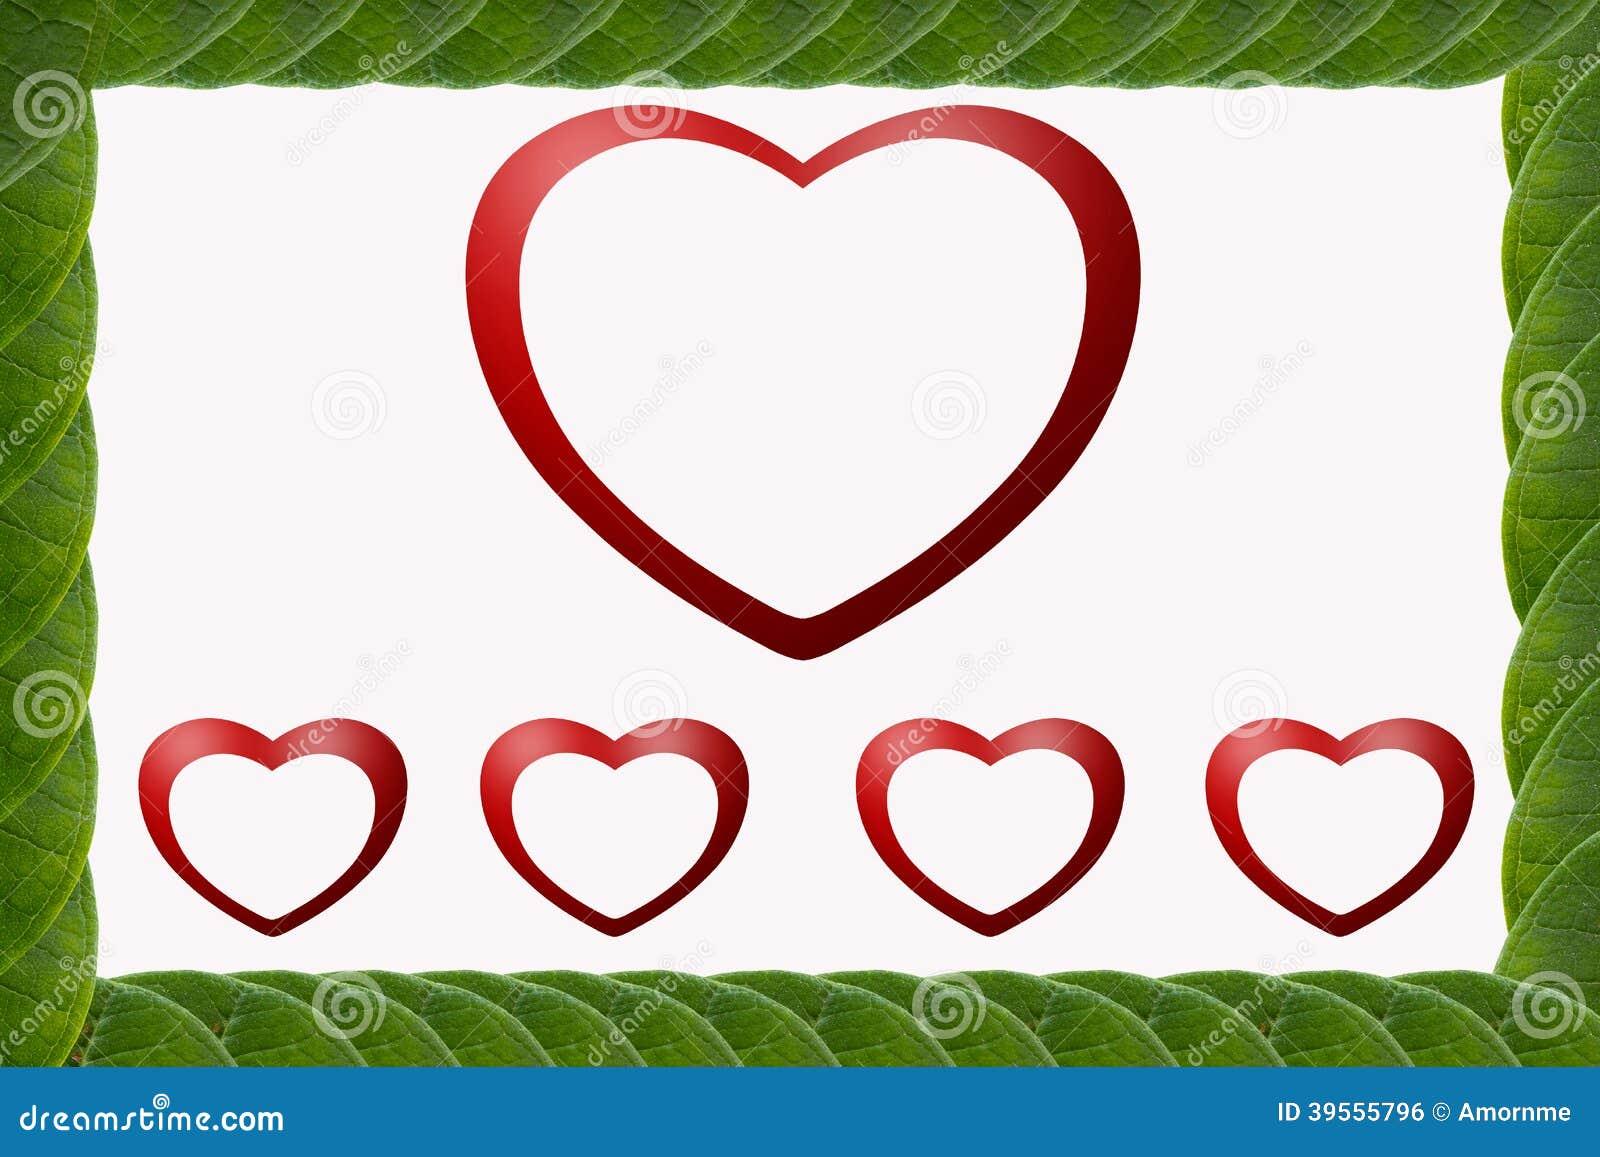 Hjärta-formad ram för gräsplan sidor